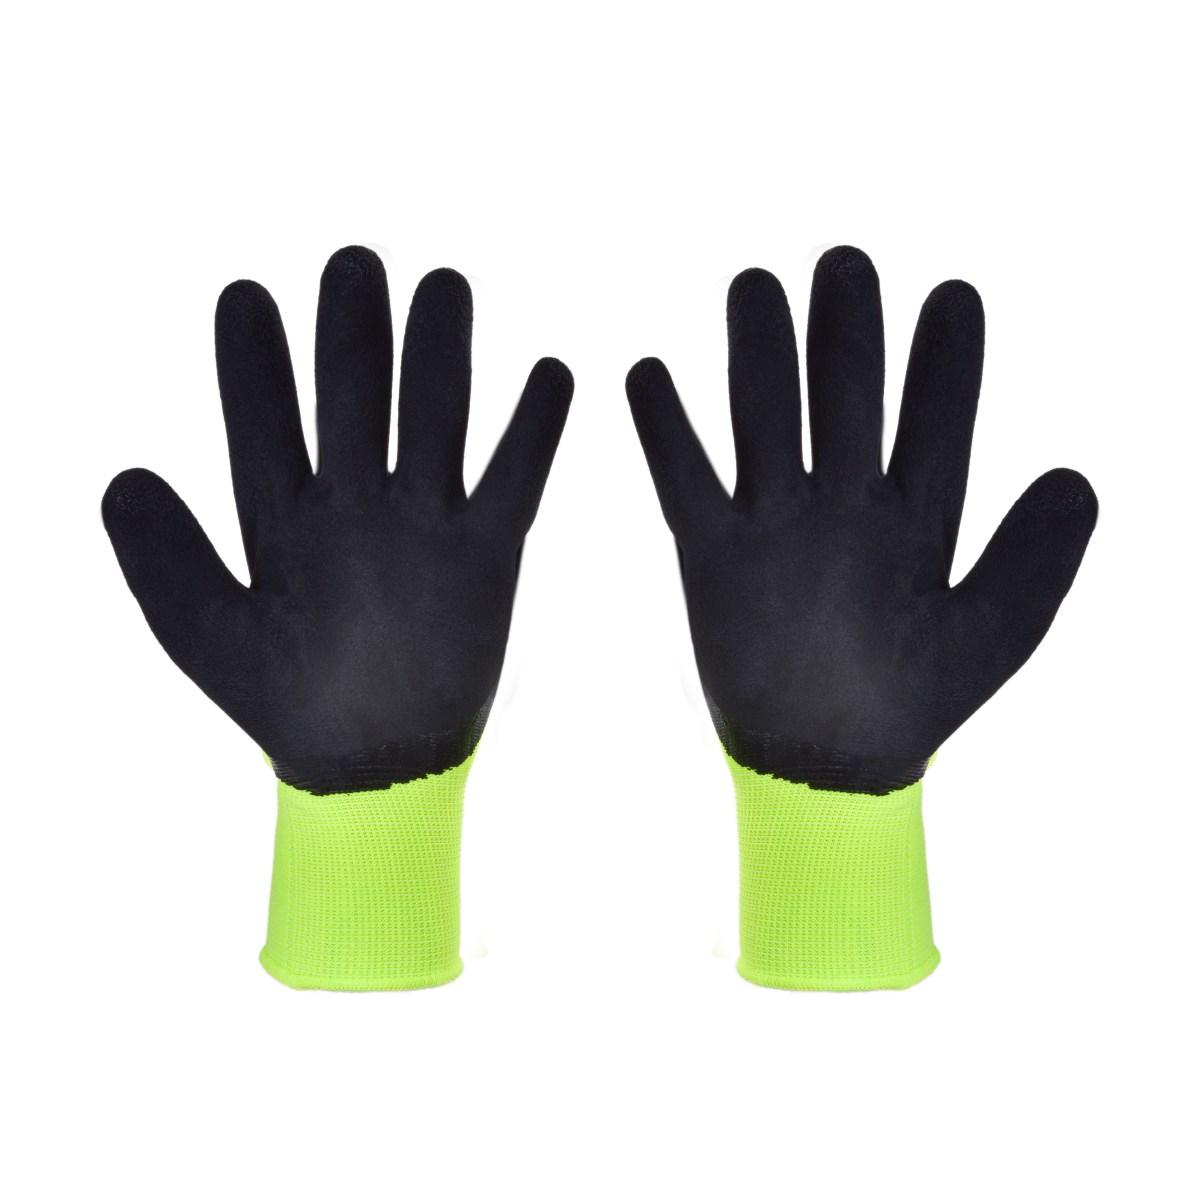 DÁMAVICE, dámské pracovní rukavice, pogumované, pružné